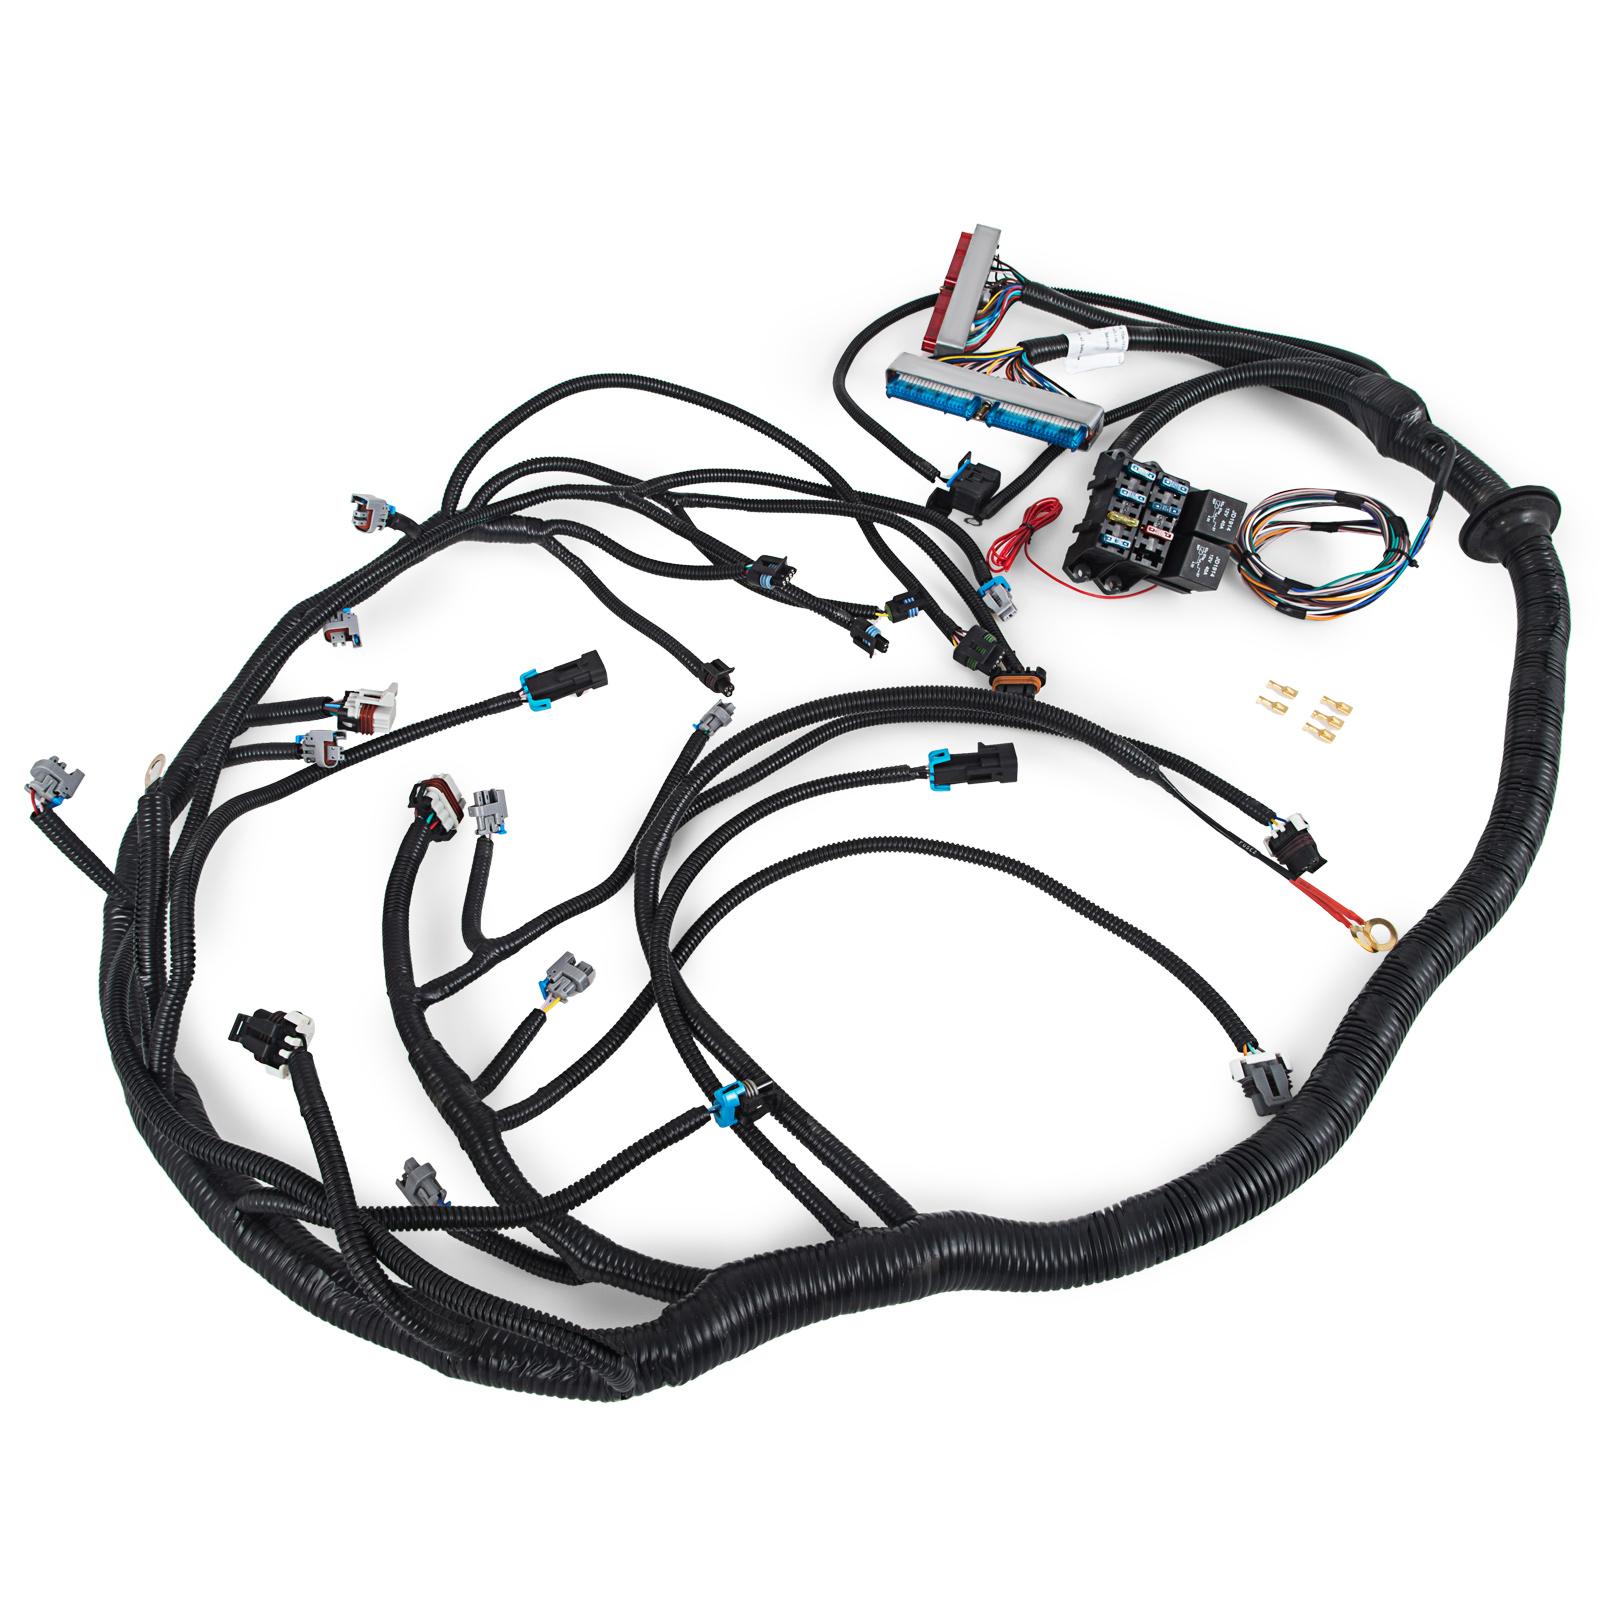 Wire Harness Ls1 Lsx Standalone W T56 Dbc 4 8